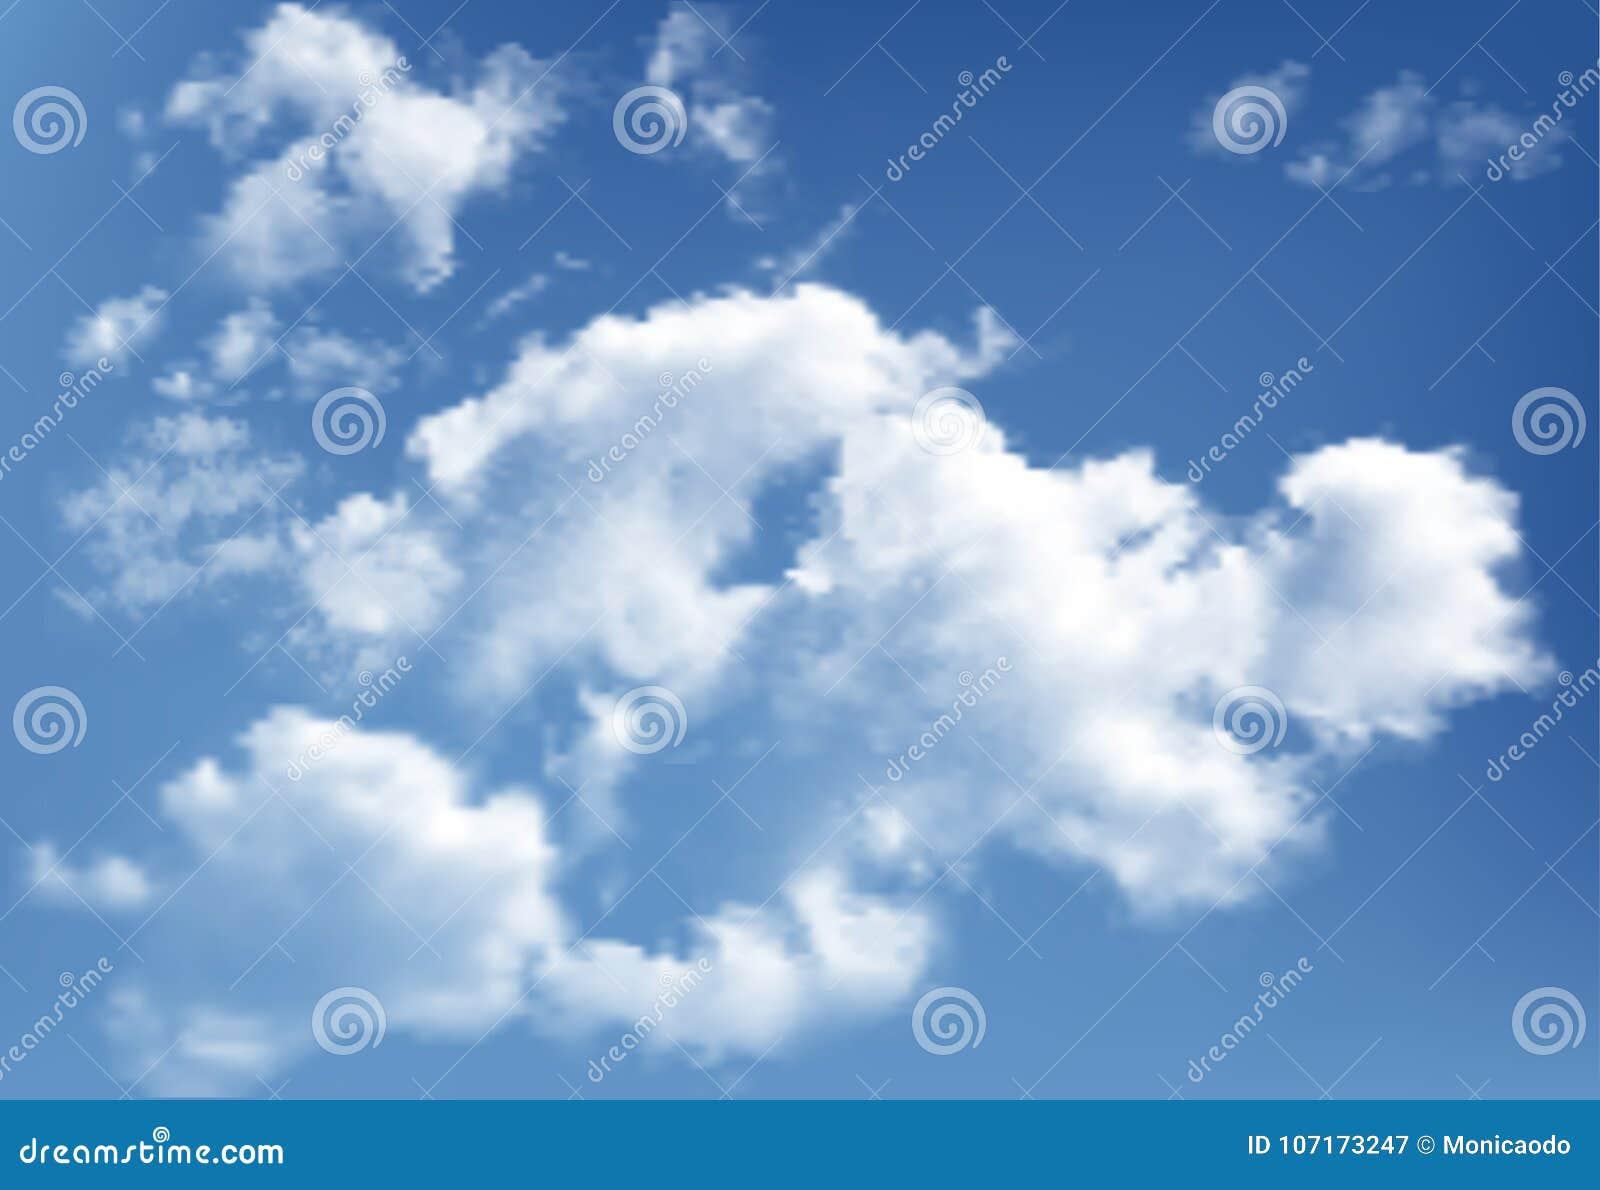 Fondo con las nubes en el cielo azul